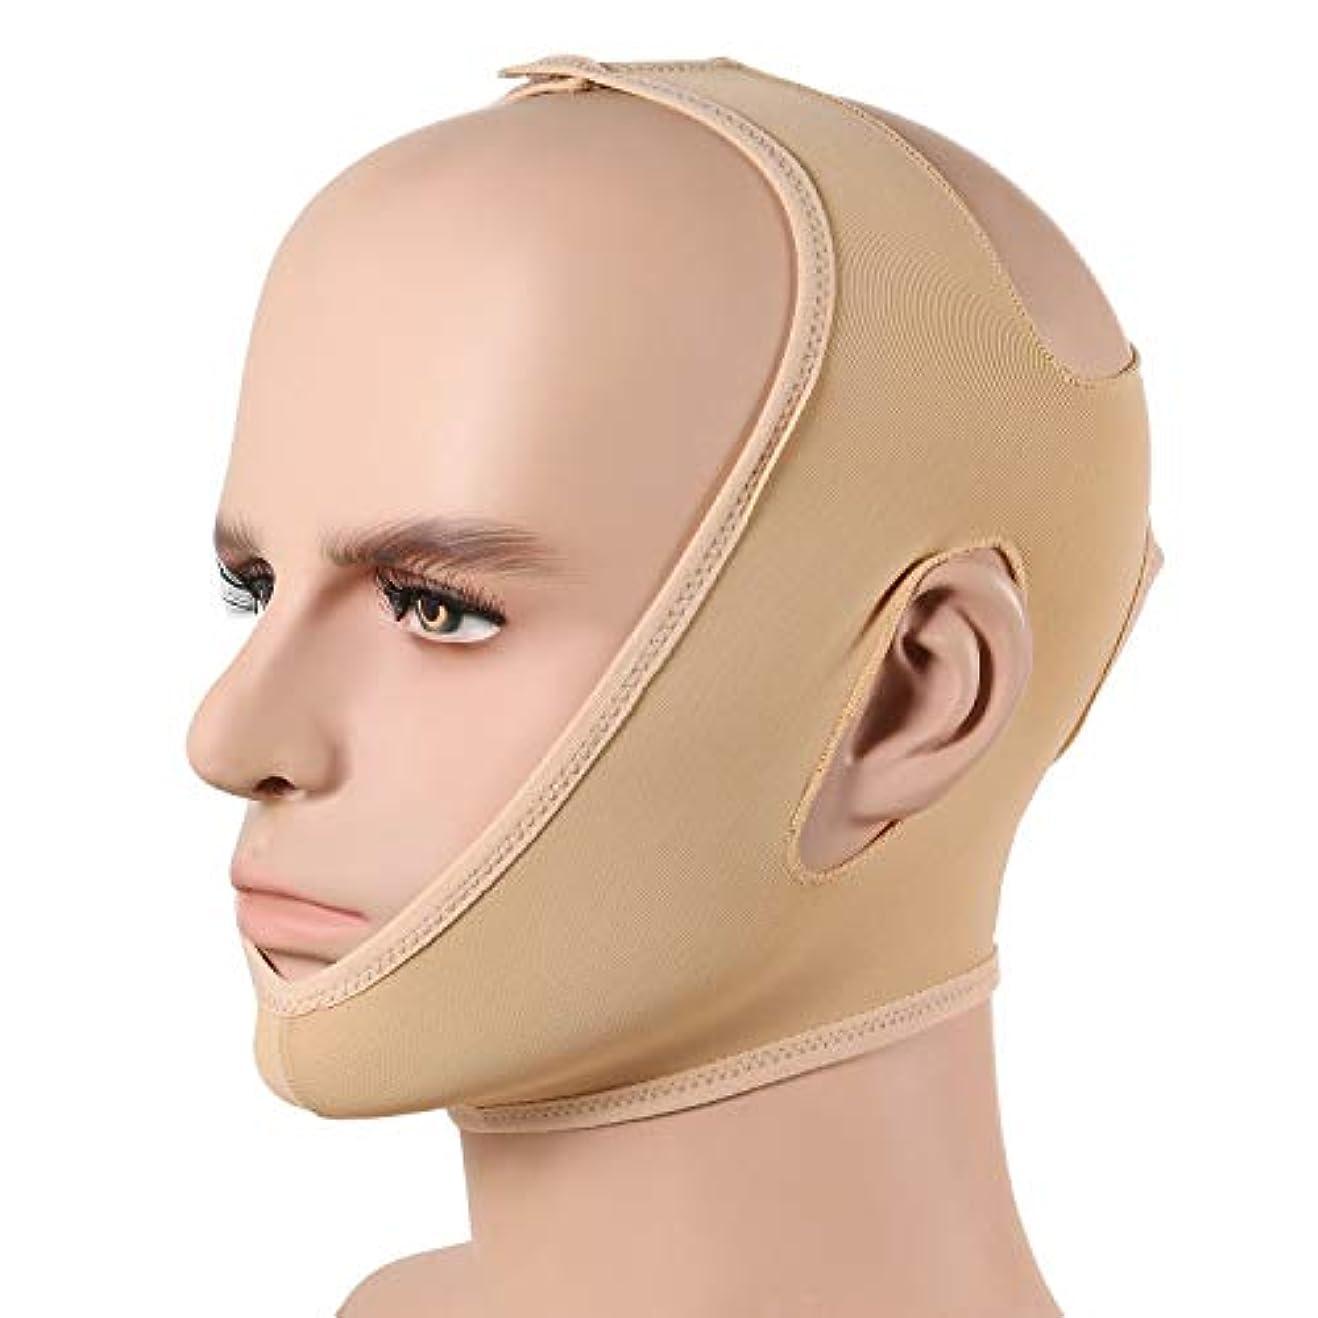 送金曖昧なウェイドWSJTT スリミングベルト、顔の頬のV形状のリフティングフェイスは薄いマスクストラップフェイスラインは通気性の圧縮二重あごスムースリフトアップ包帯チンはアンチリンクルストラップ、Vフェイスラインスリムアップマスクを持ち...